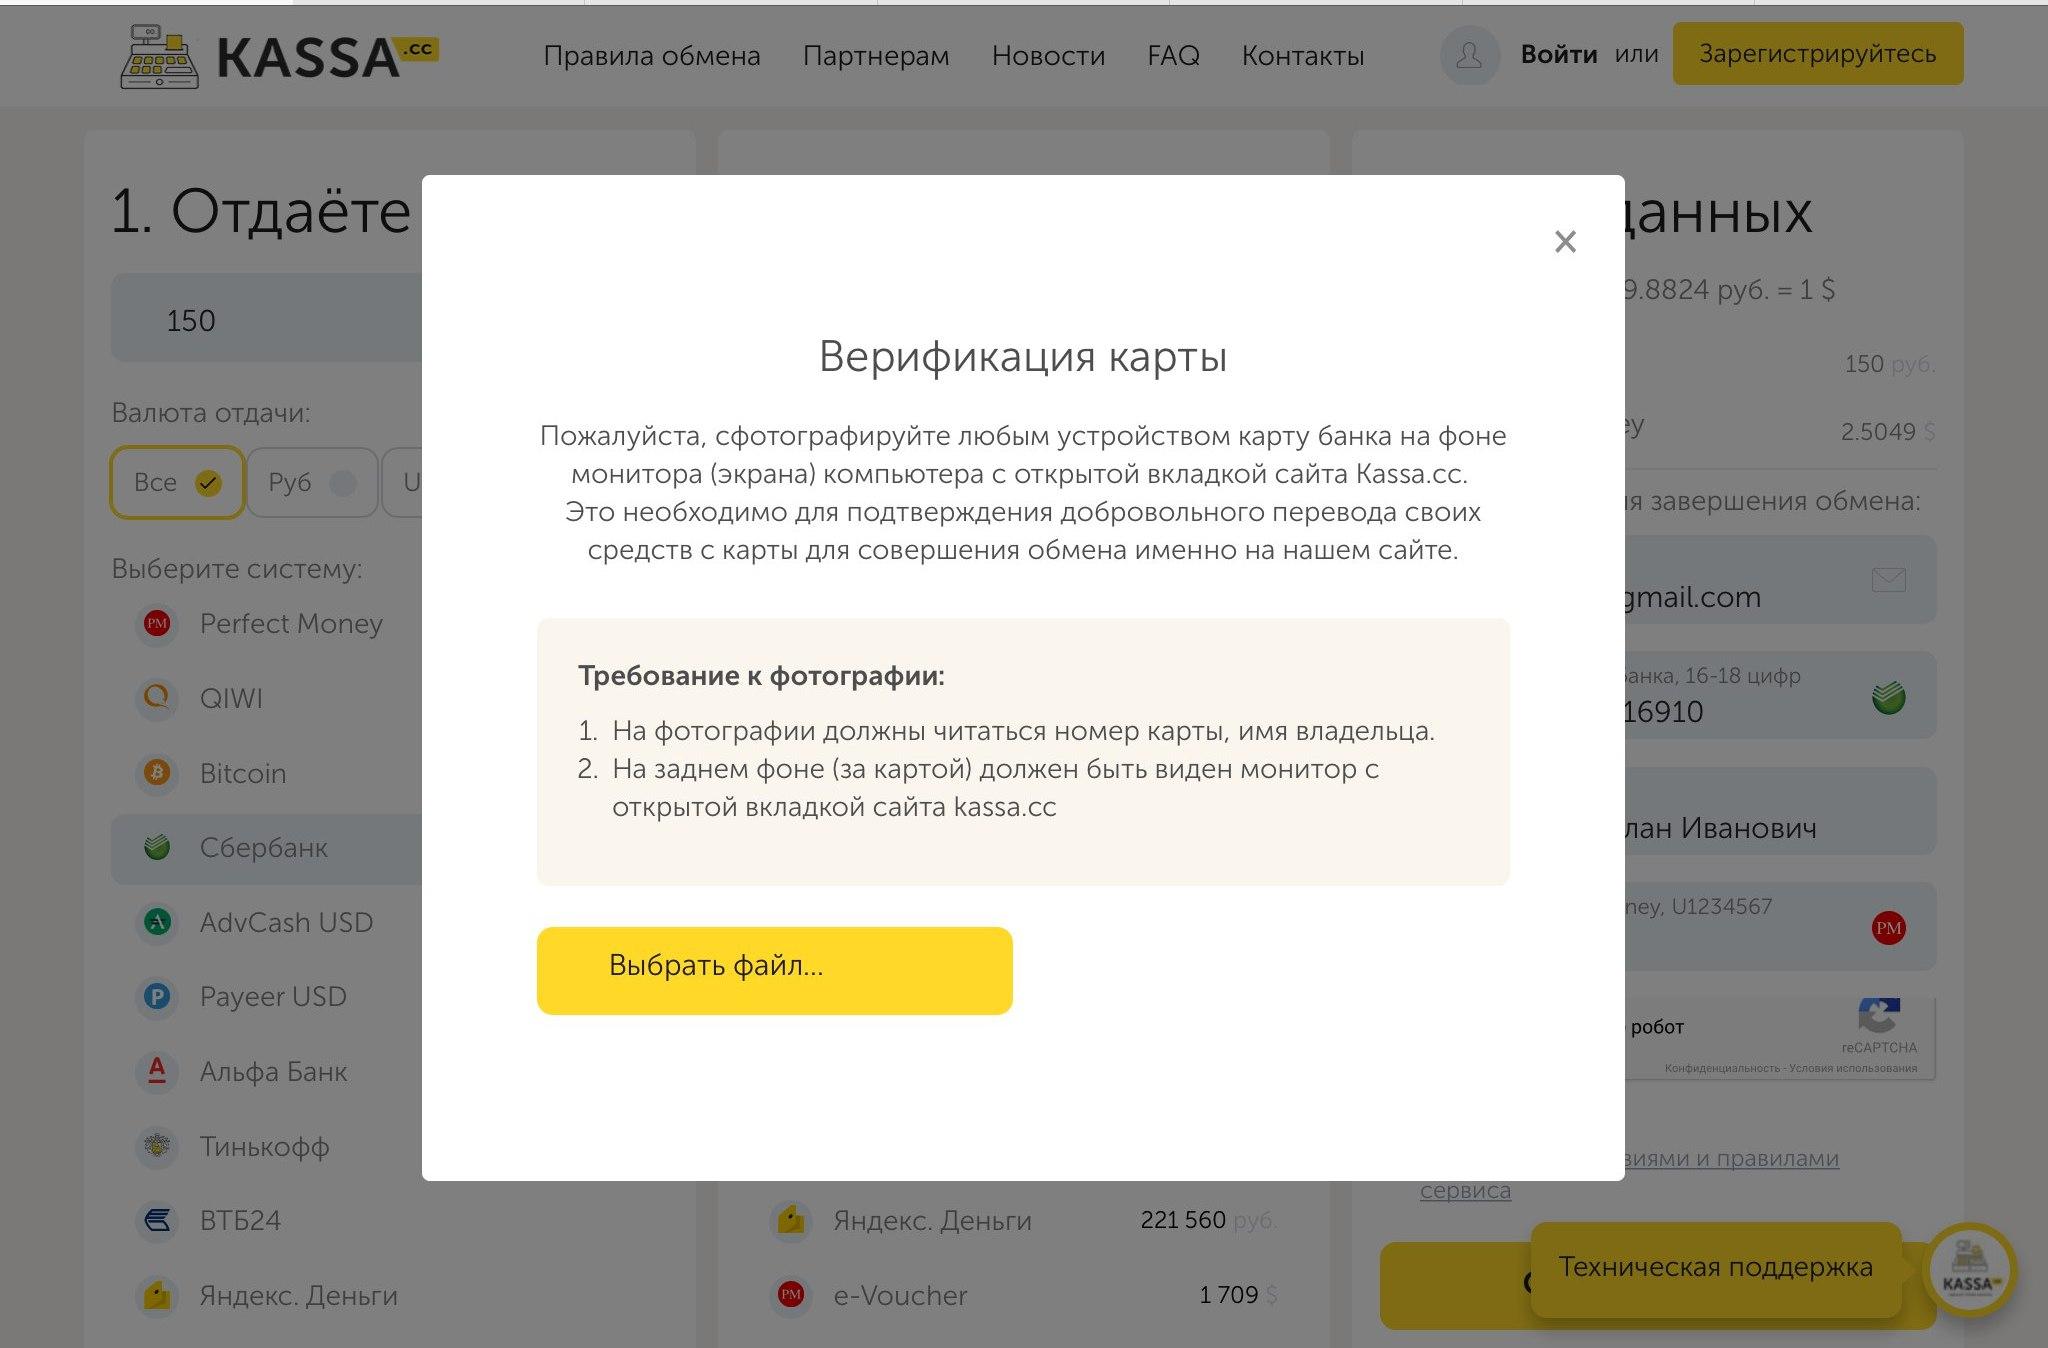 Kassa.cc - единый обмен валюты. Перевод с карты Сбербанка на Perfect Money USD